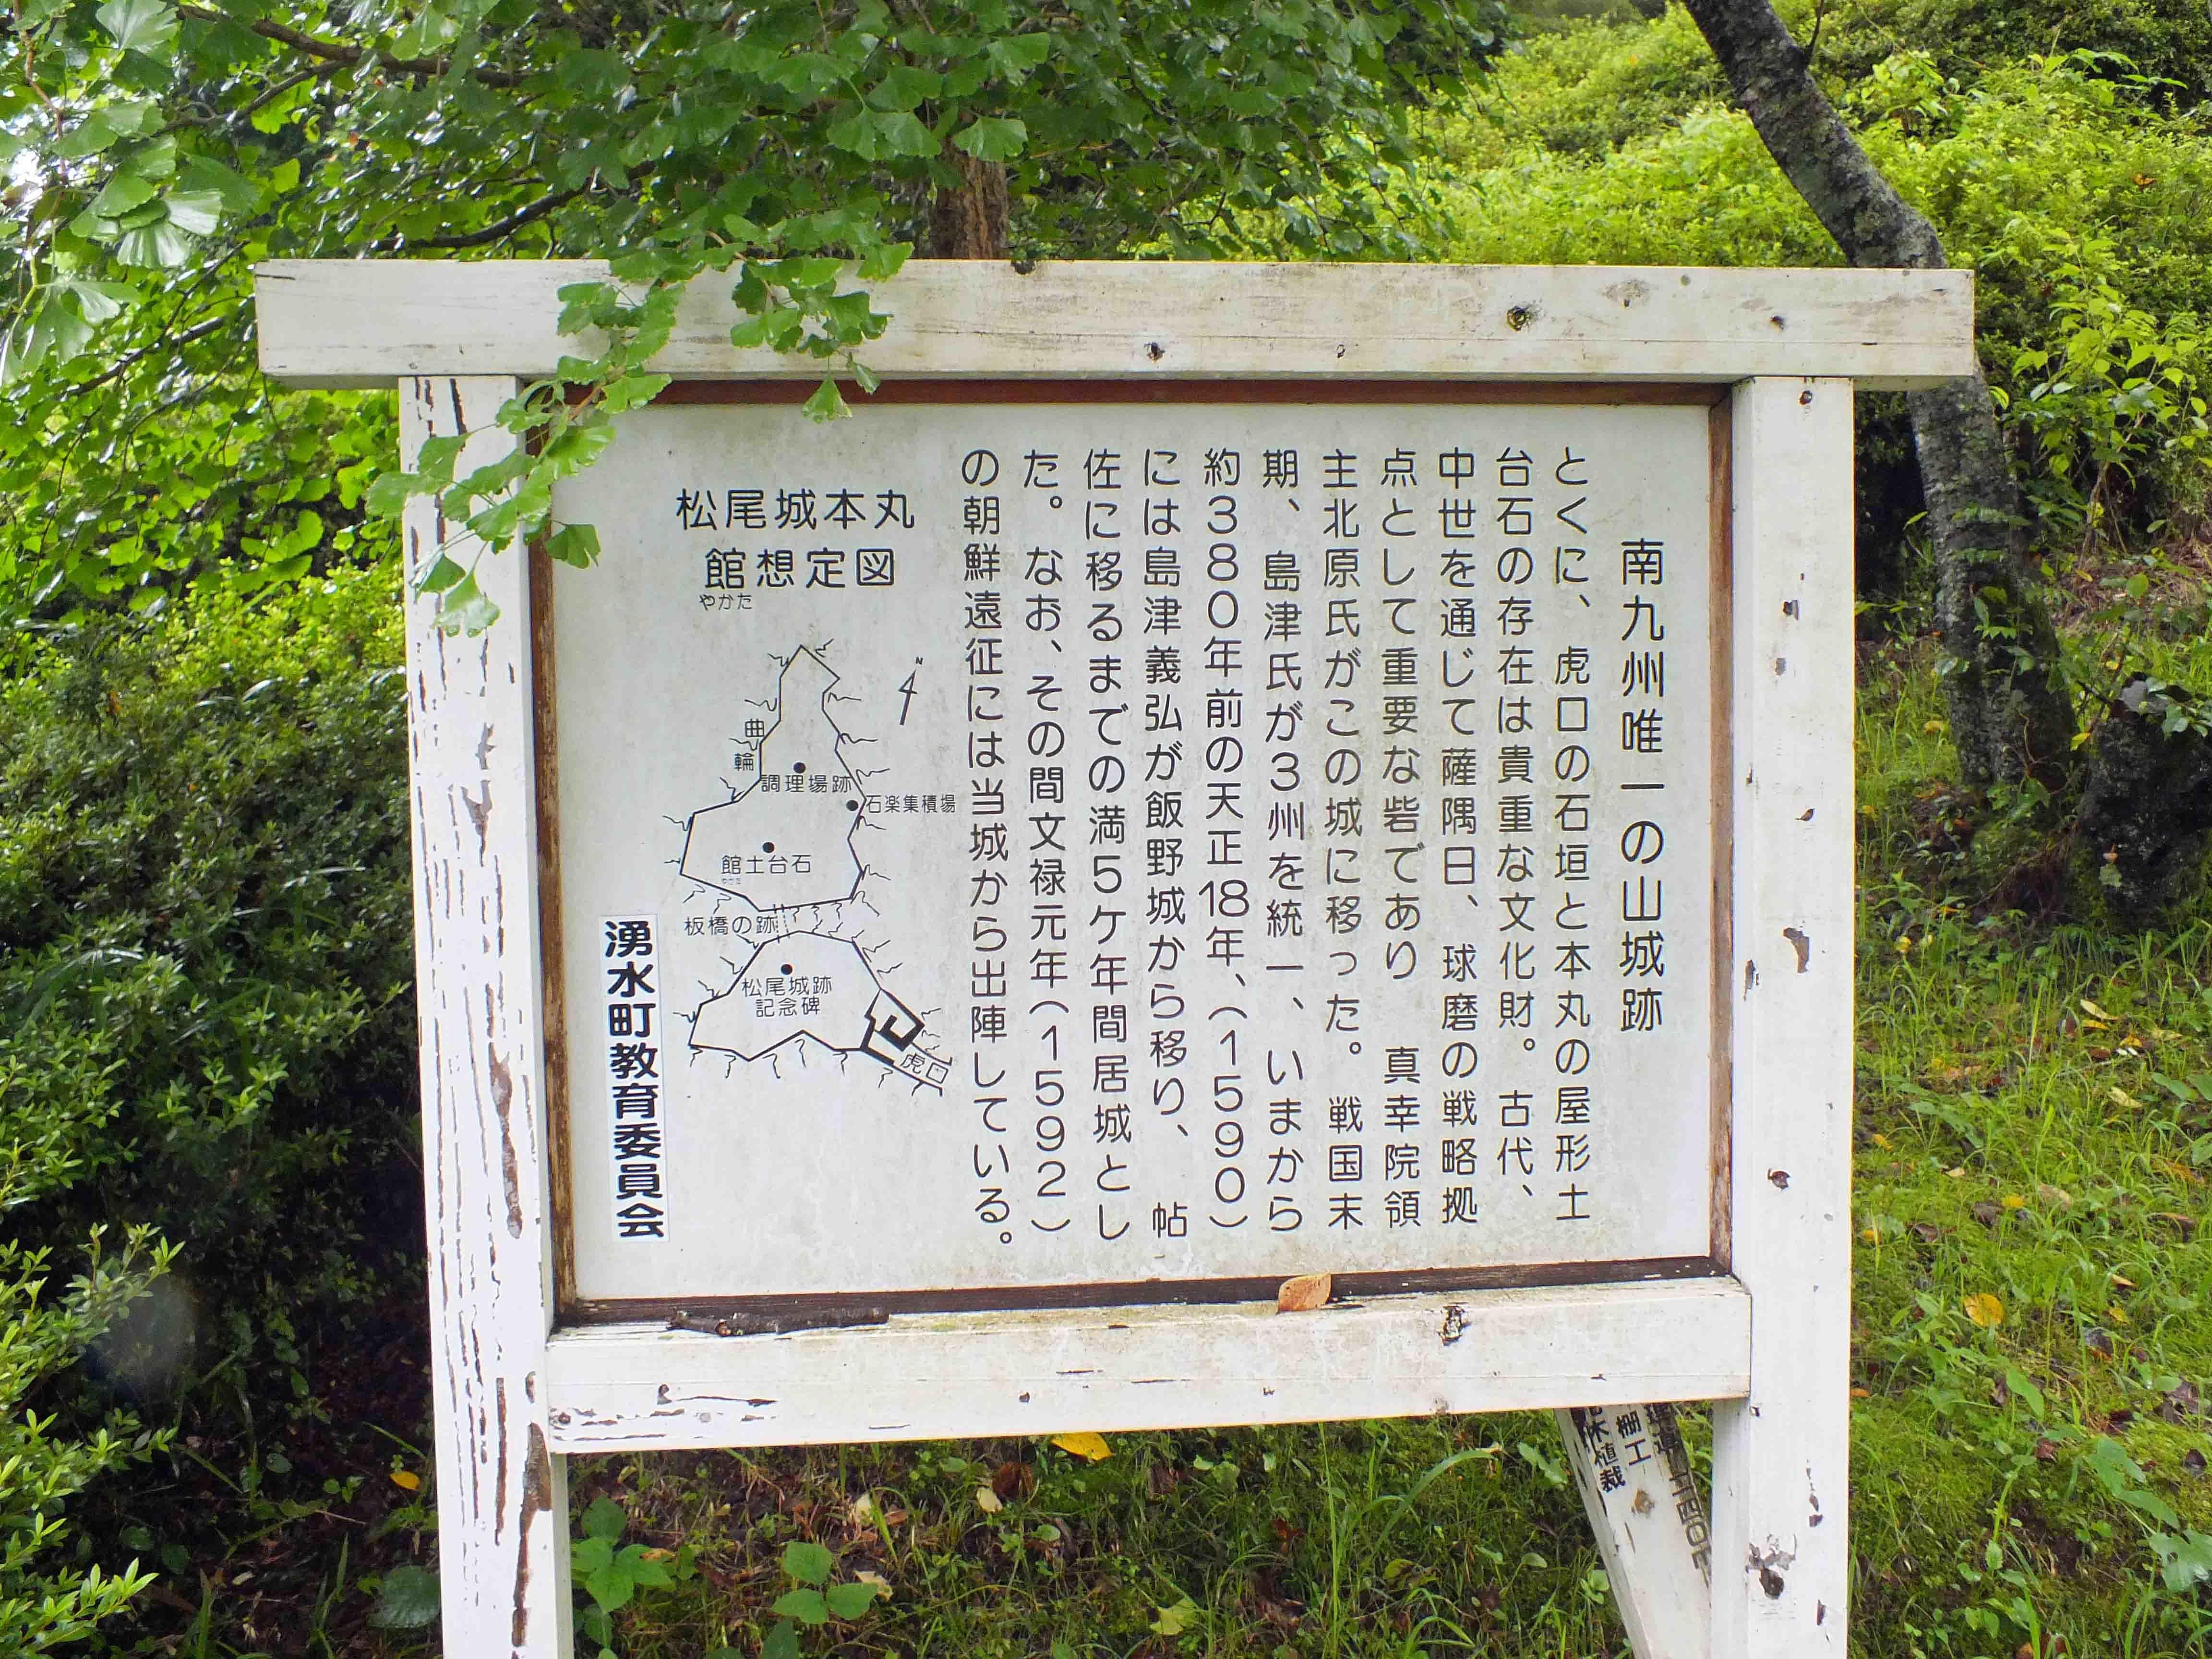 松尾城 説明板2